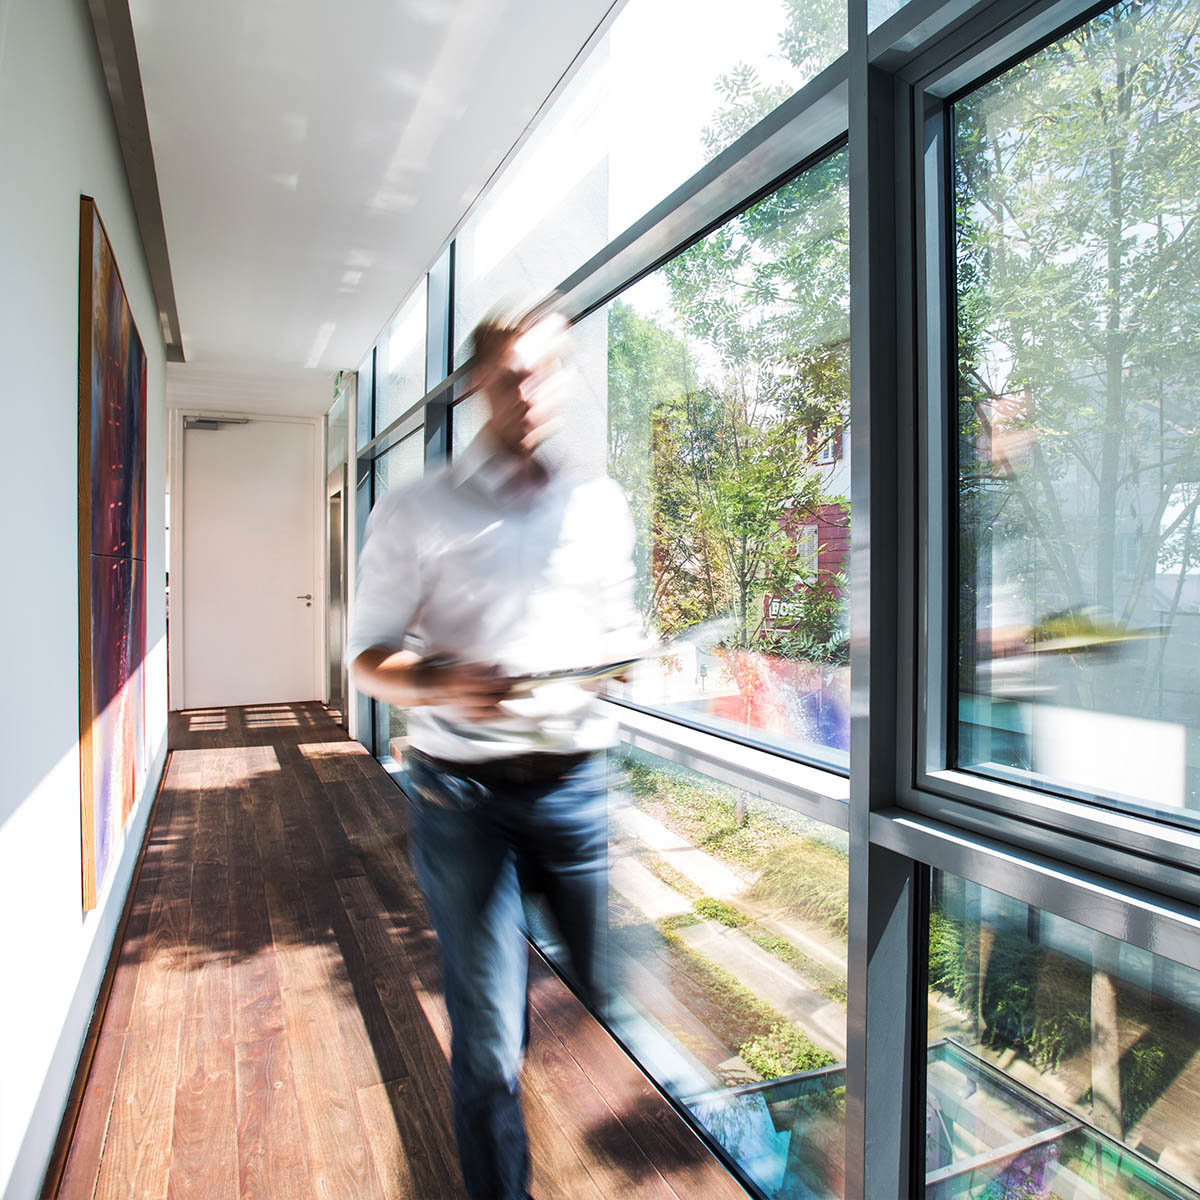 Mitarbeiter von Pilz + Rath geht durch den Glasgang im Gebäude der Steuerberatungskanzlei